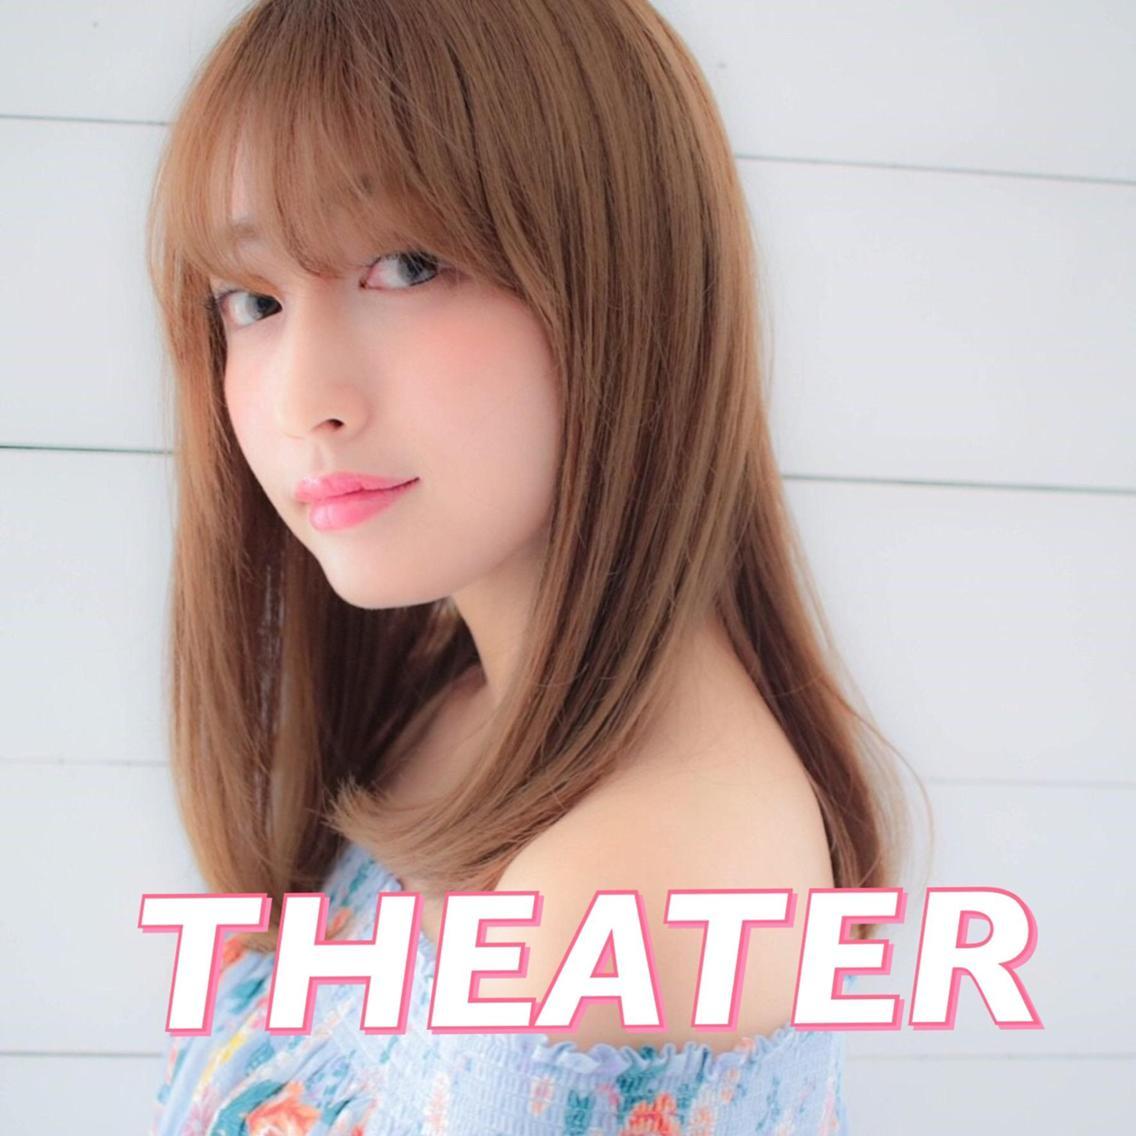 💗大人気サロン💗 THEATER所属・🇰🇷韓国風女子 ❤️NANAMI❤️の掲載